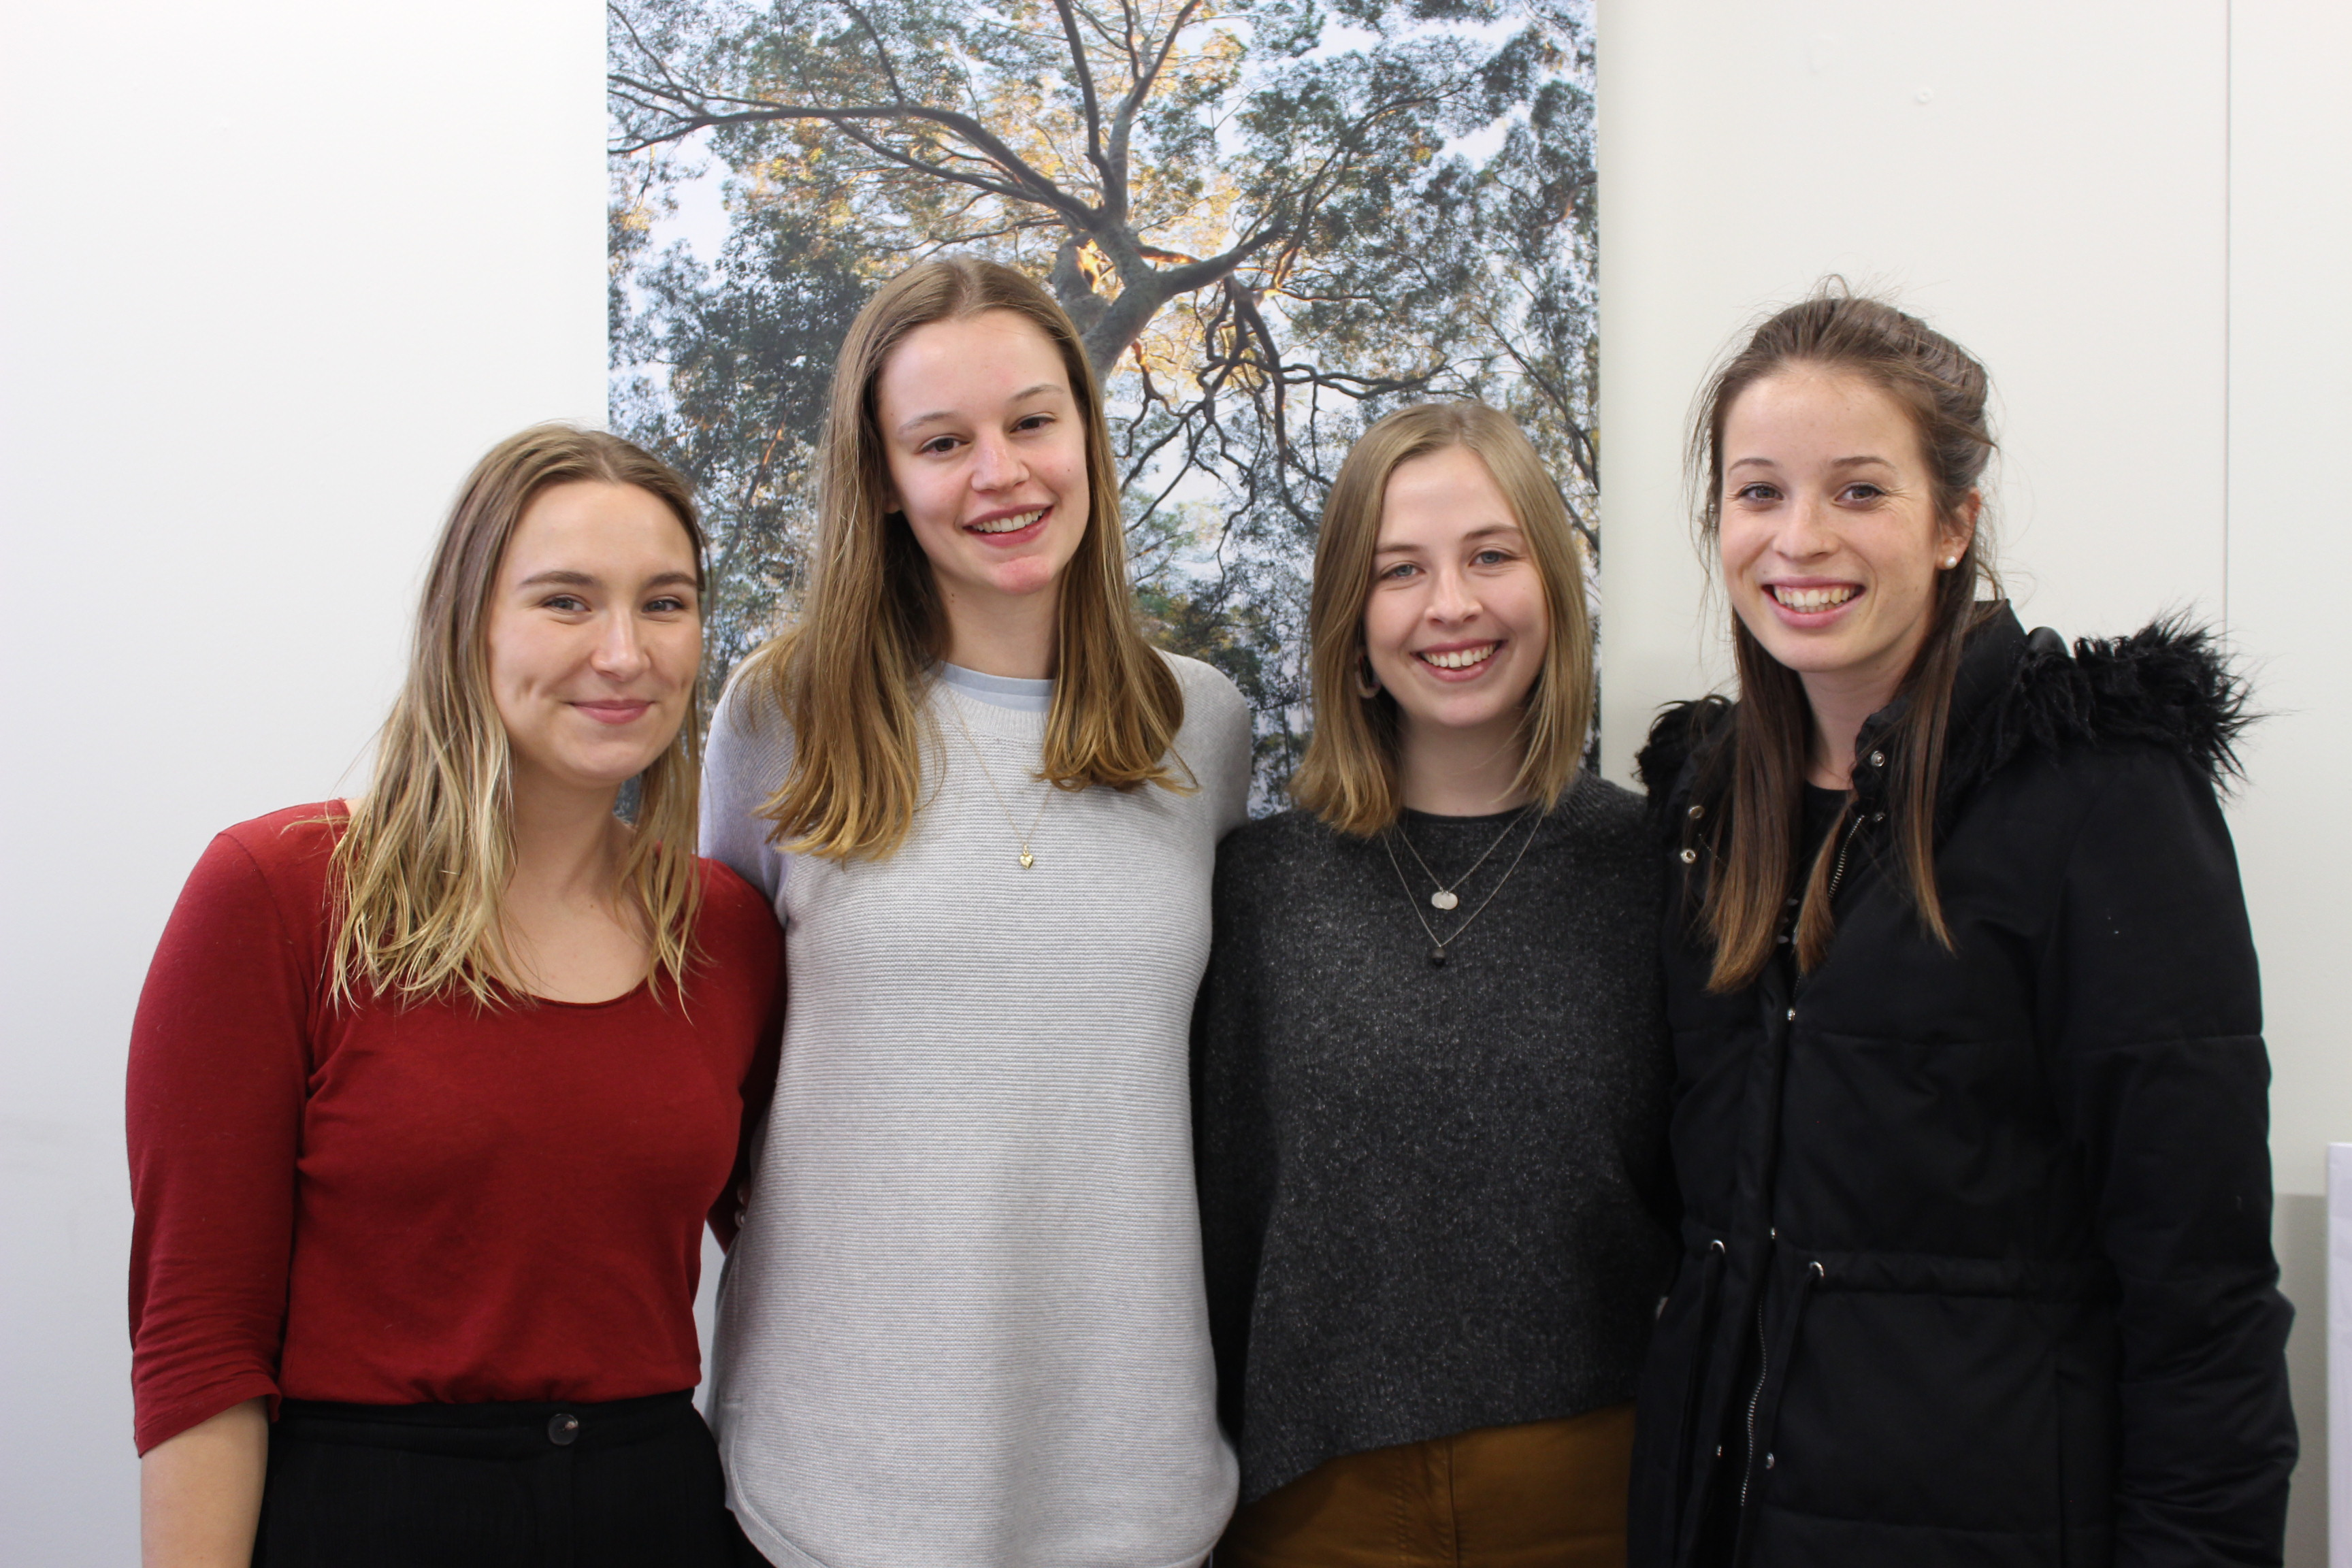 CAHA Volunteers during Volunteer Week 2019